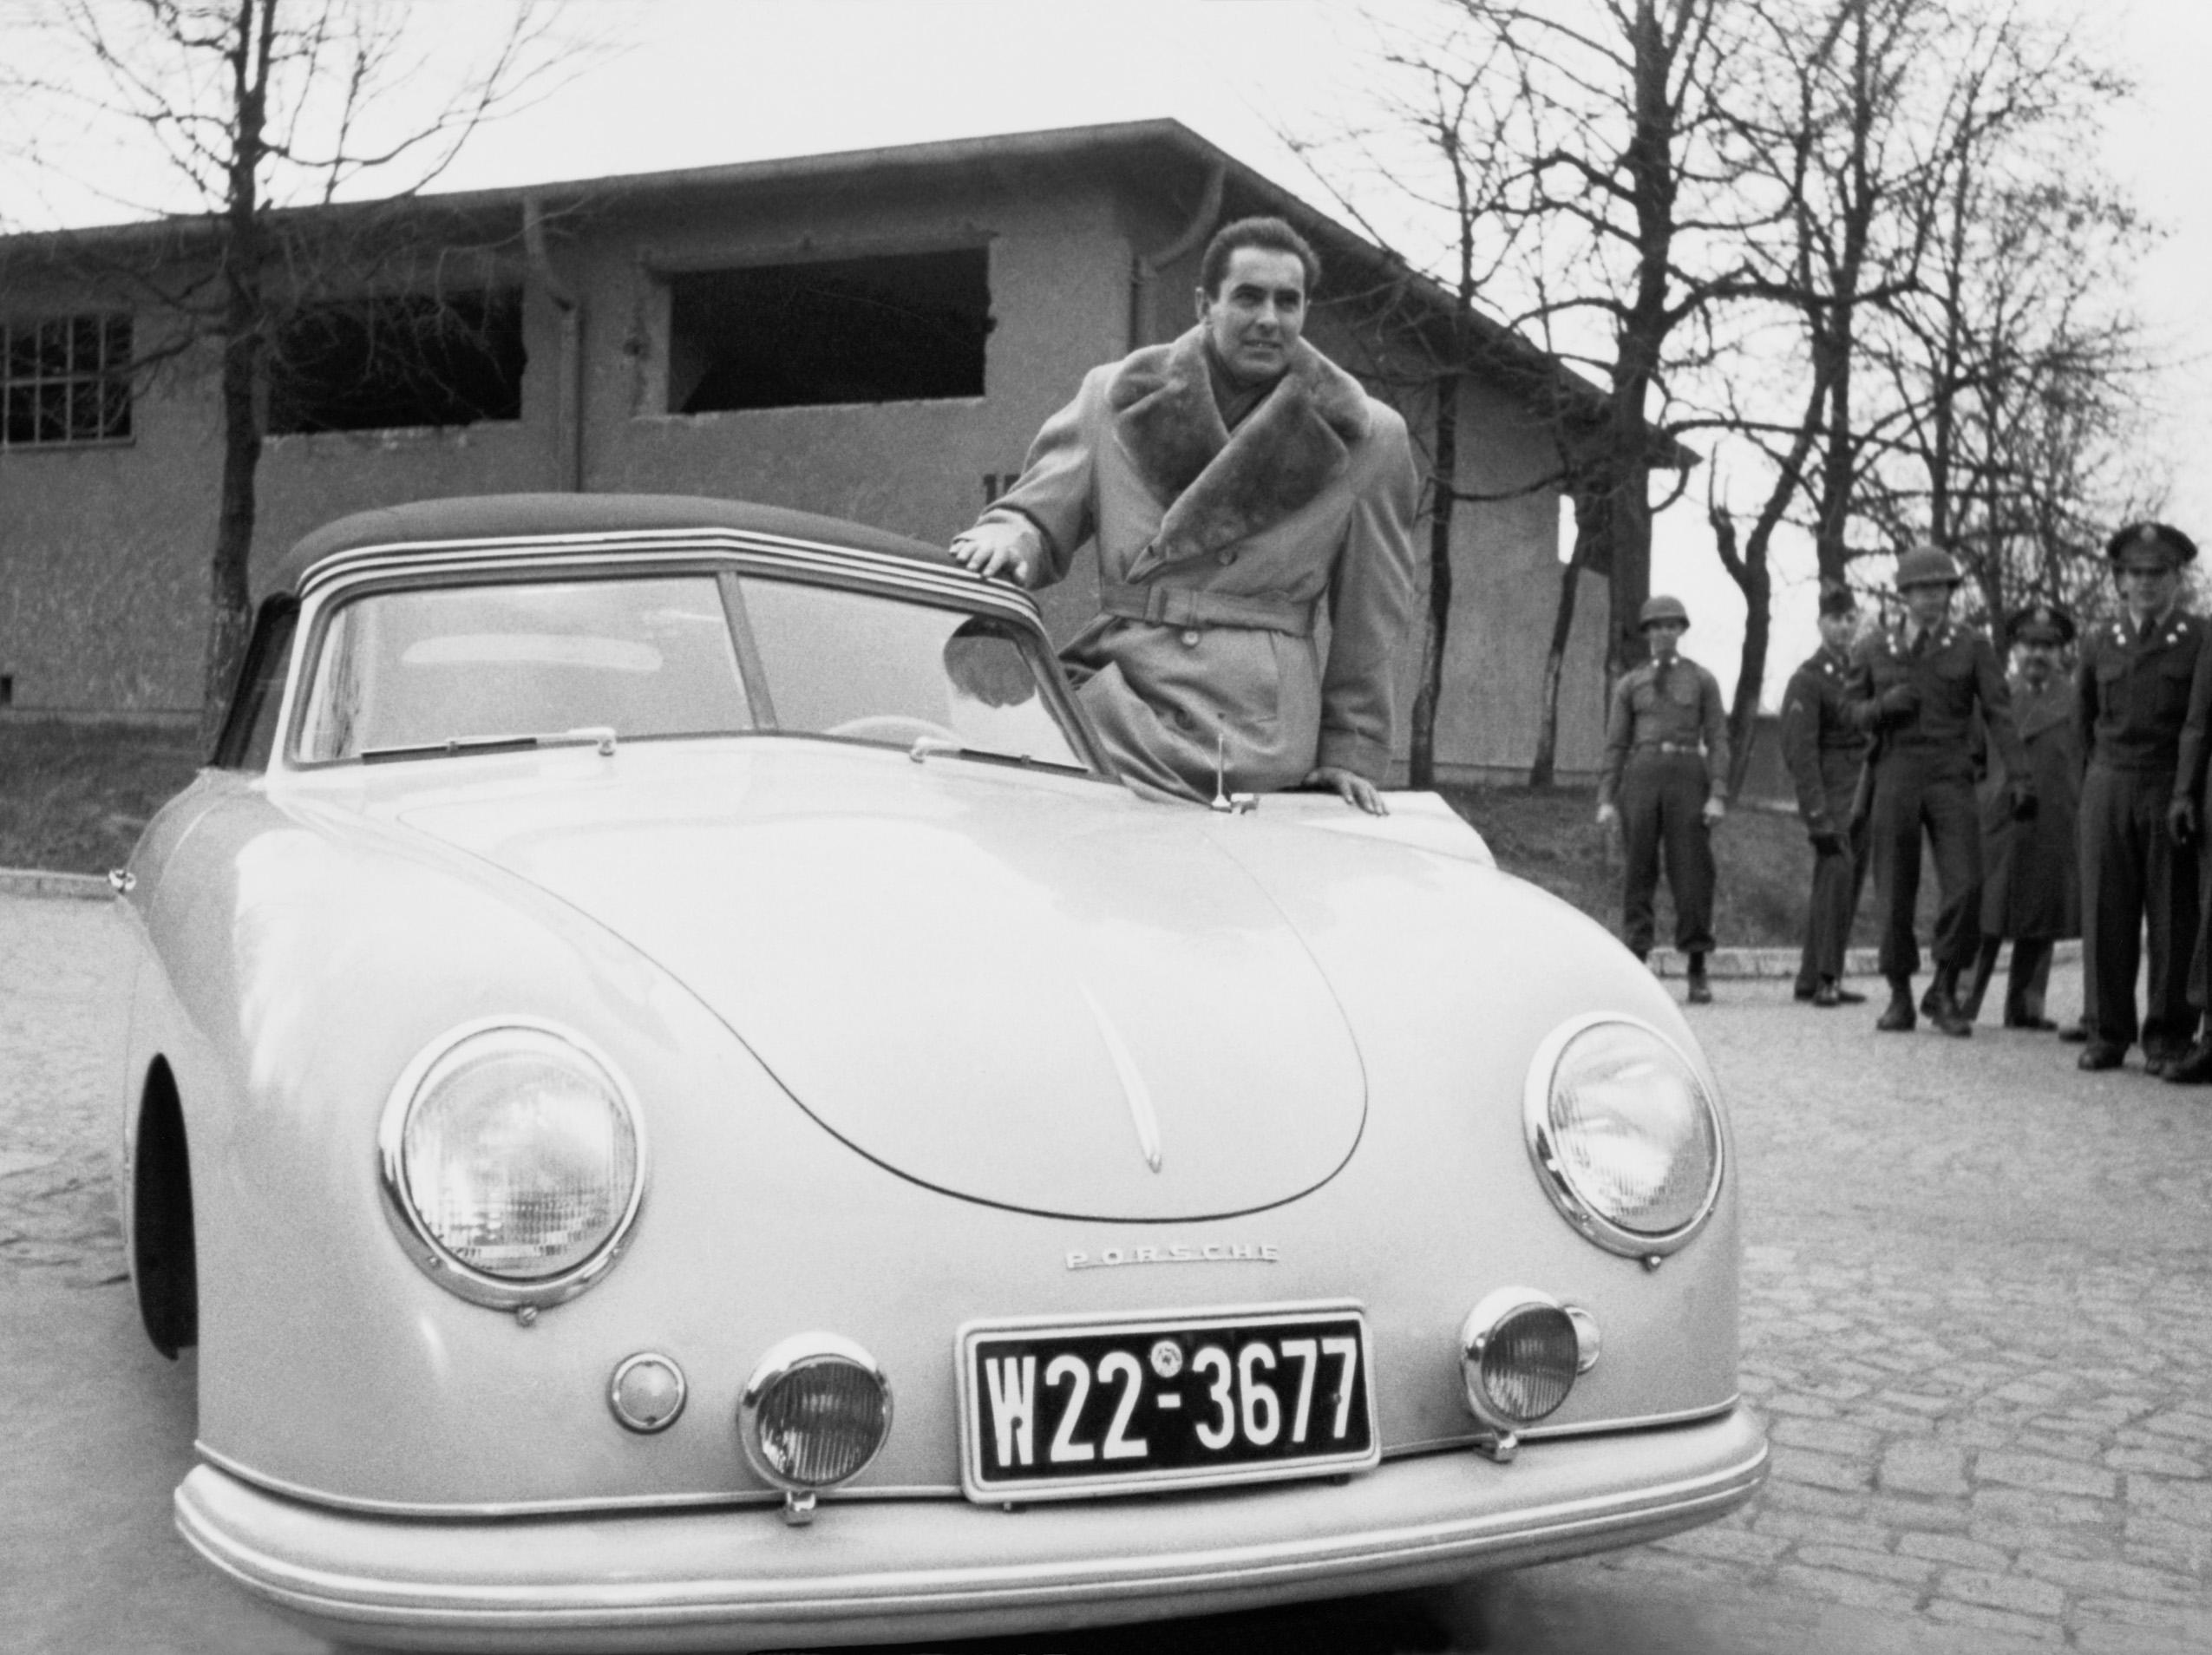 Das Cabriolet – Von der Motorkutsche zum offenen Bolide